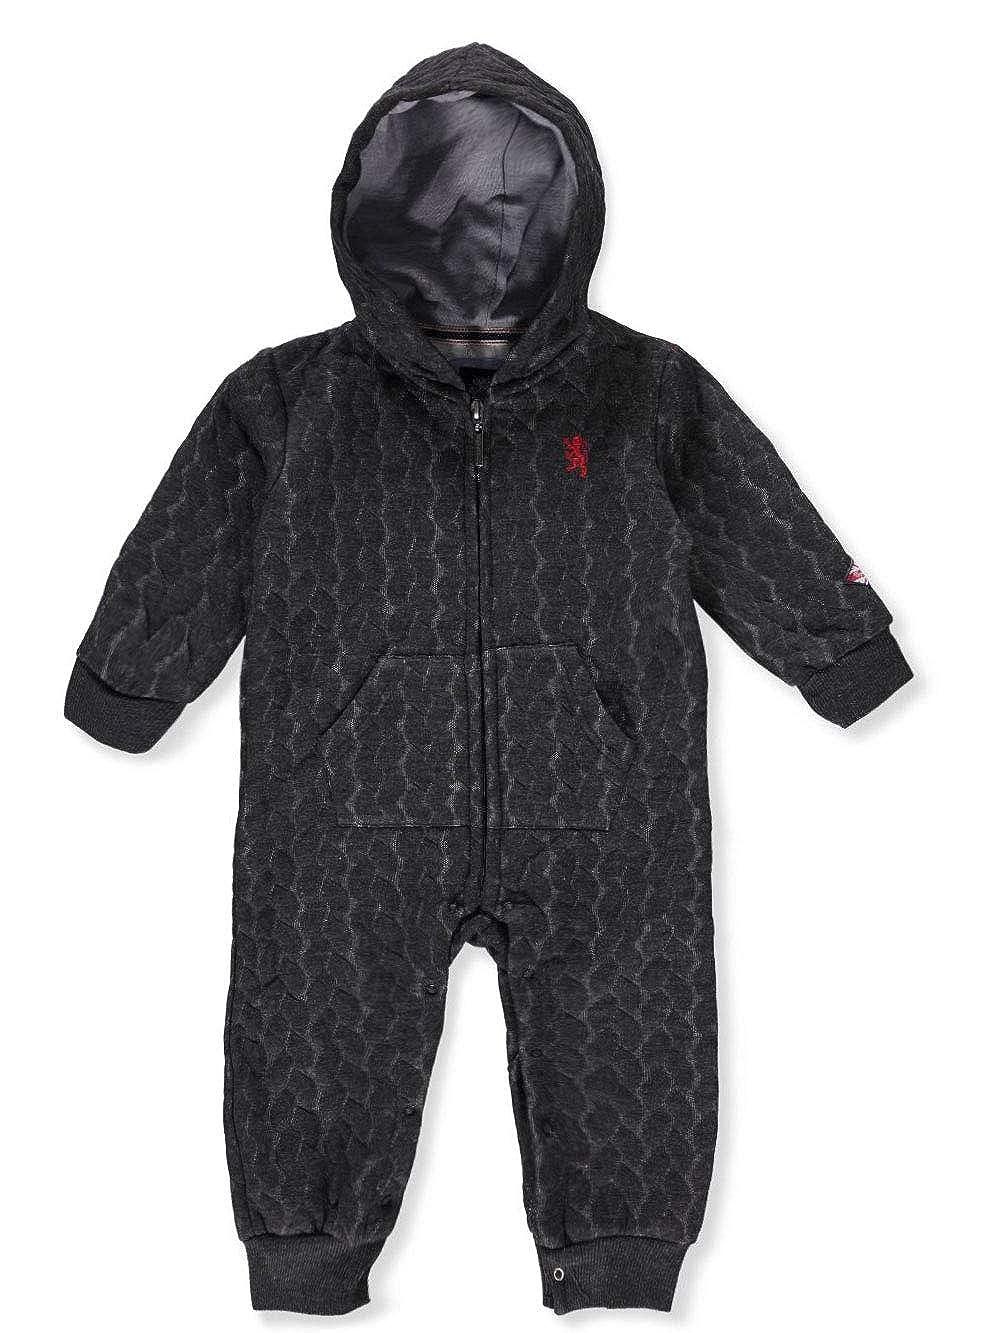 English Laundry Baby Boys' Hooded Pram Suit